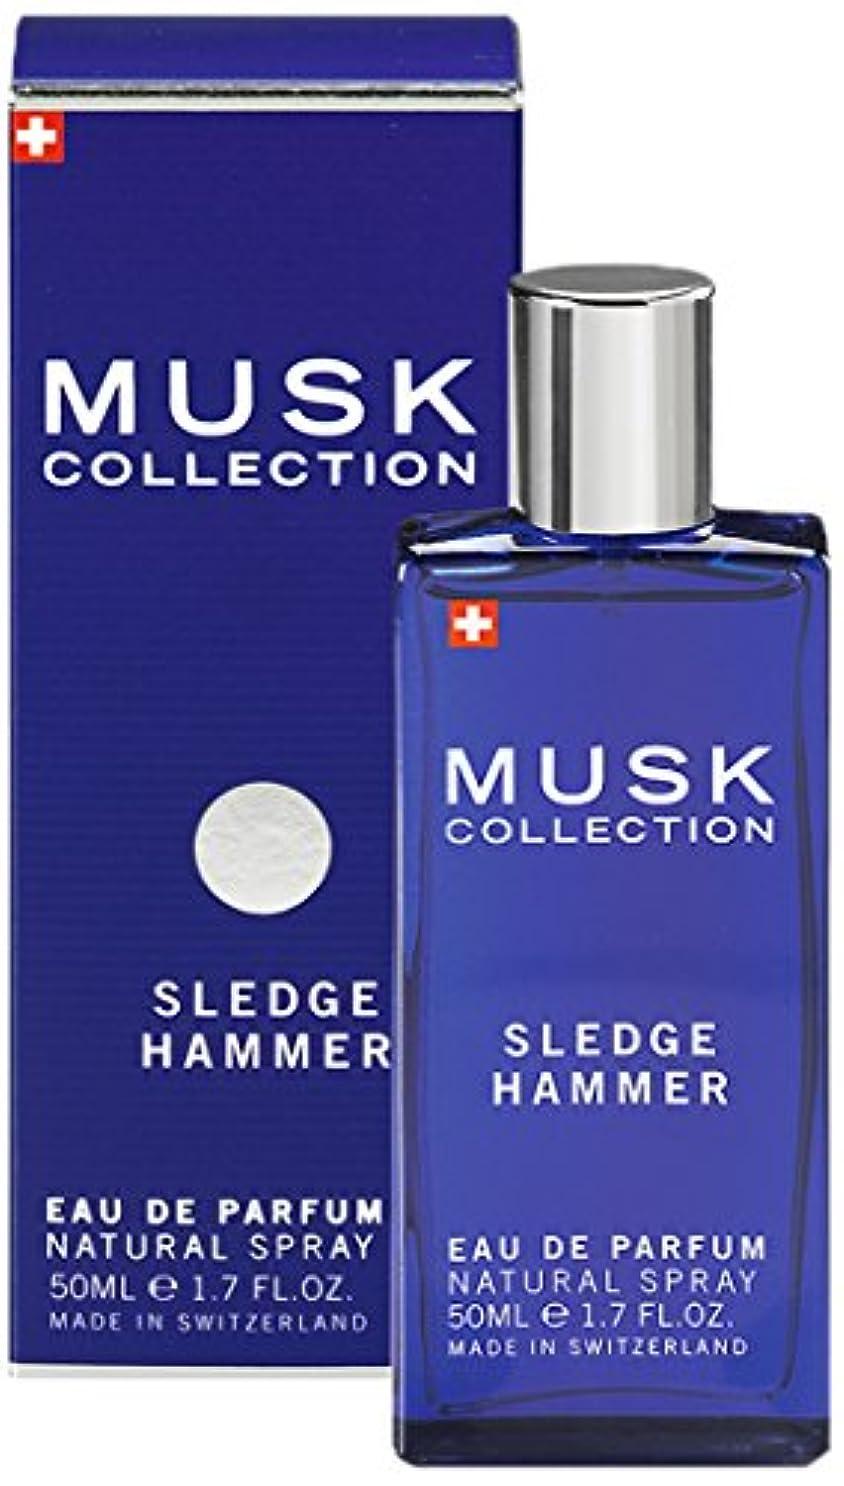 時間厳守ミルク進化するムスク コレクション スレッジハンマー オードパルファム 50mL